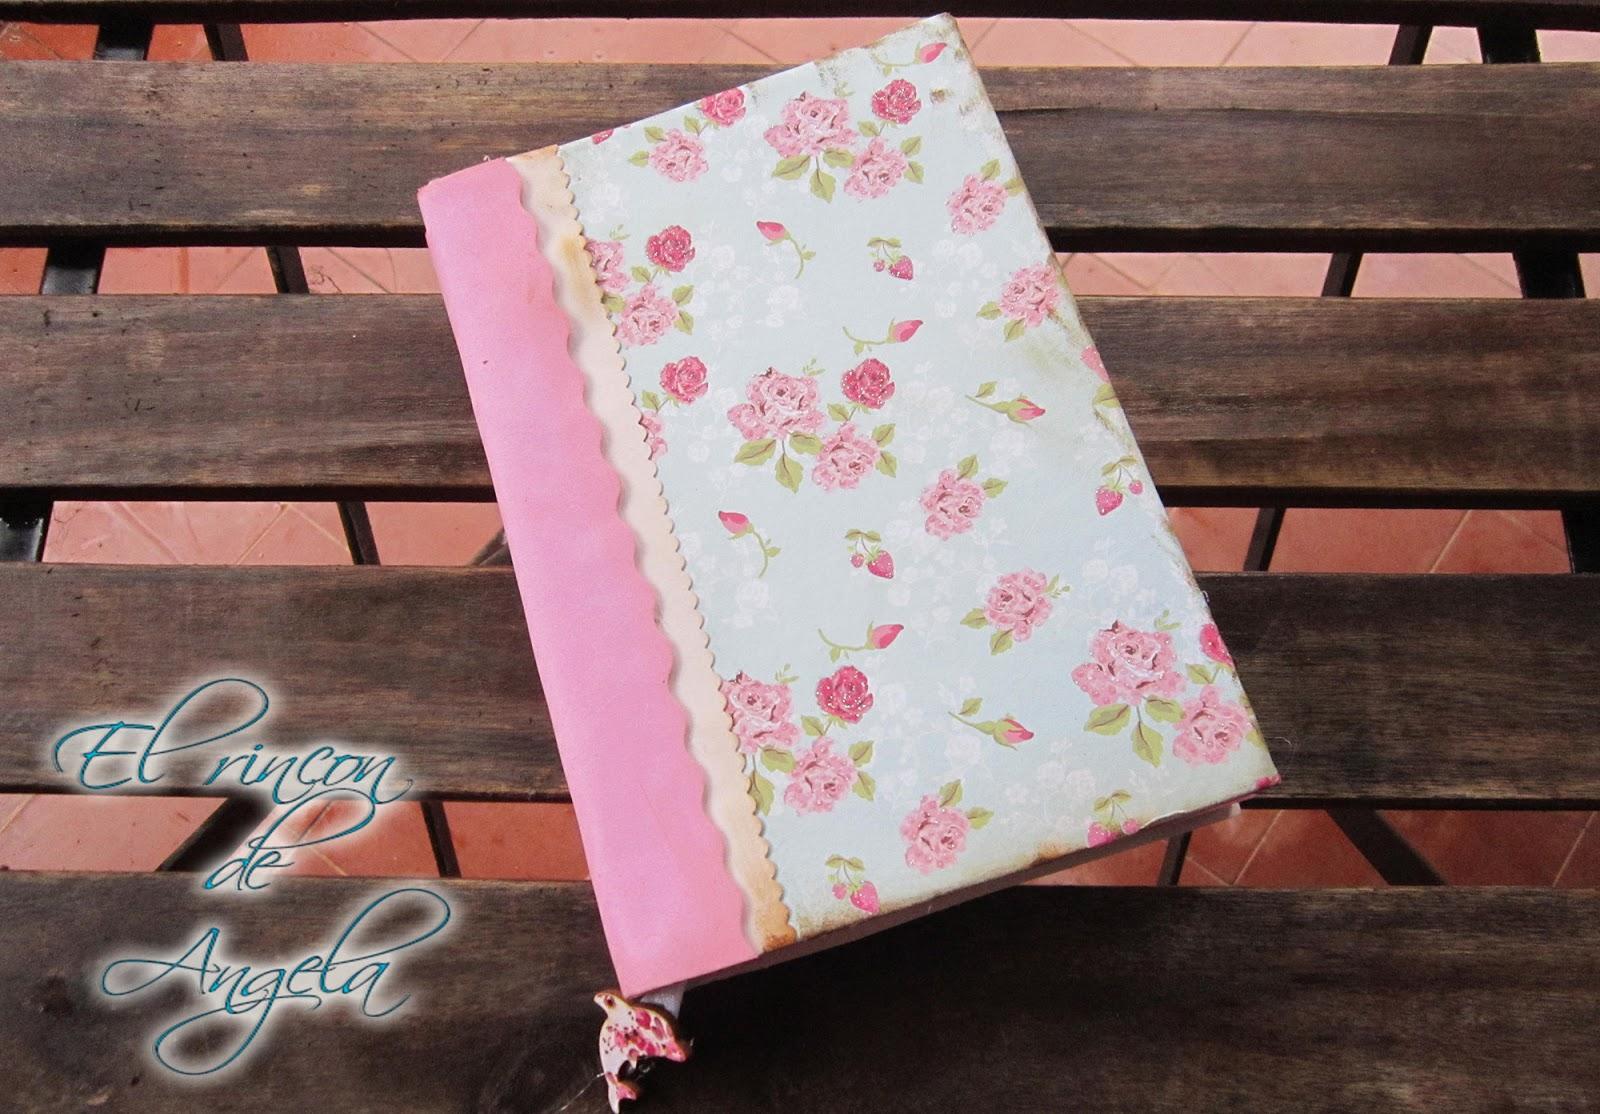 El rincon de angela como decorar tu agenda estilo shabby chic vintage muy facil - Como decorar una agenda ...